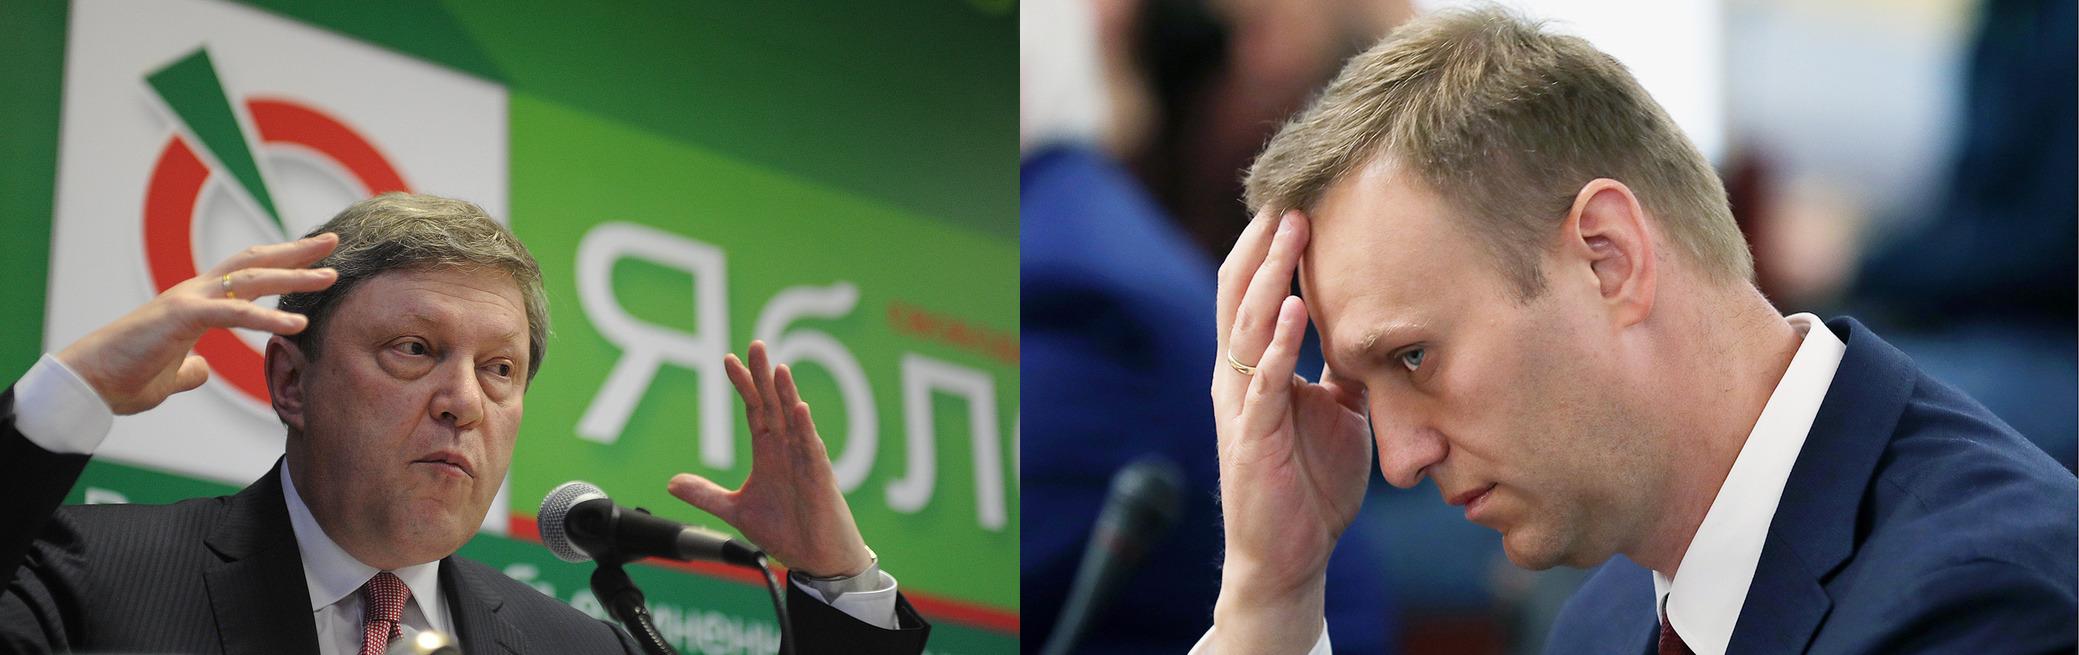 Yavlinsky dropped Navalny